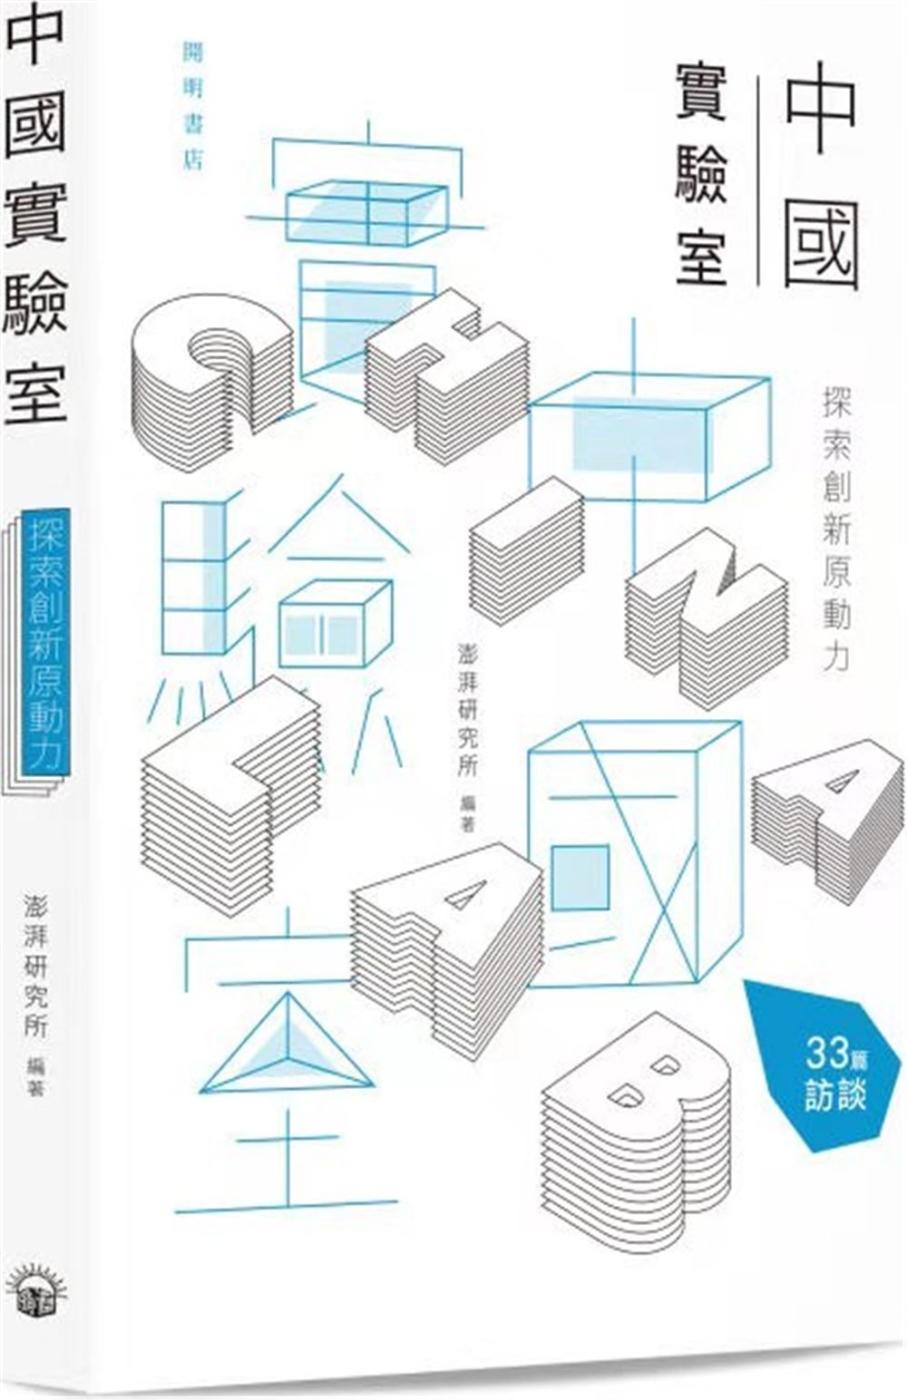 中國實驗室Ⅰ:探索創新原動力